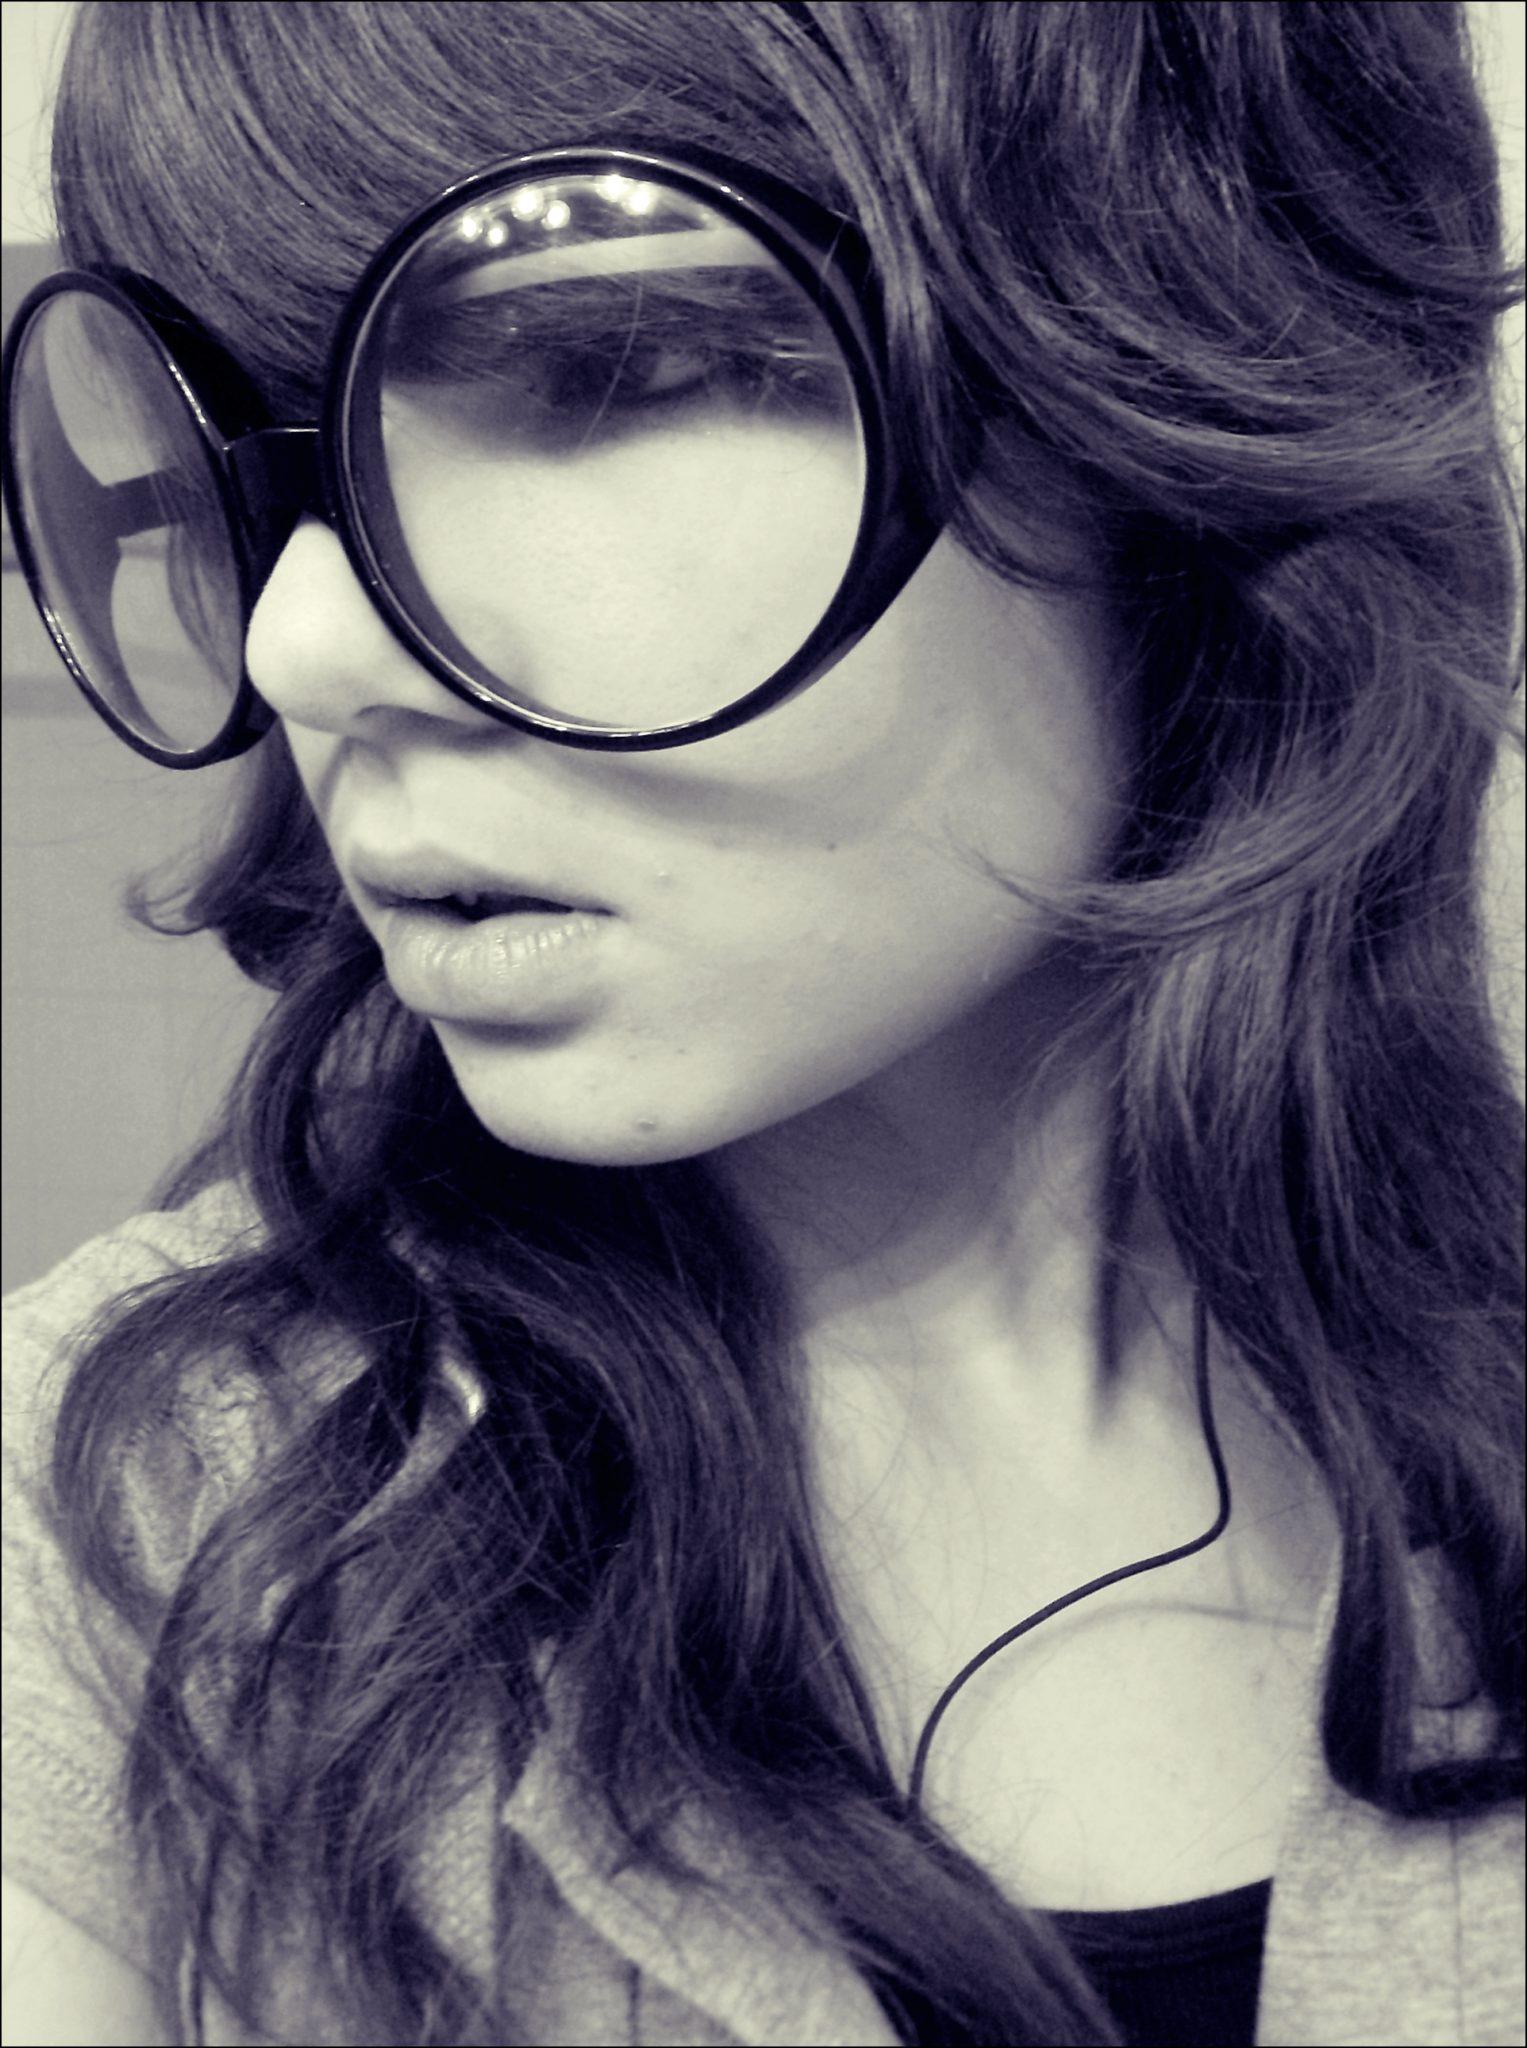 De bril van een ander